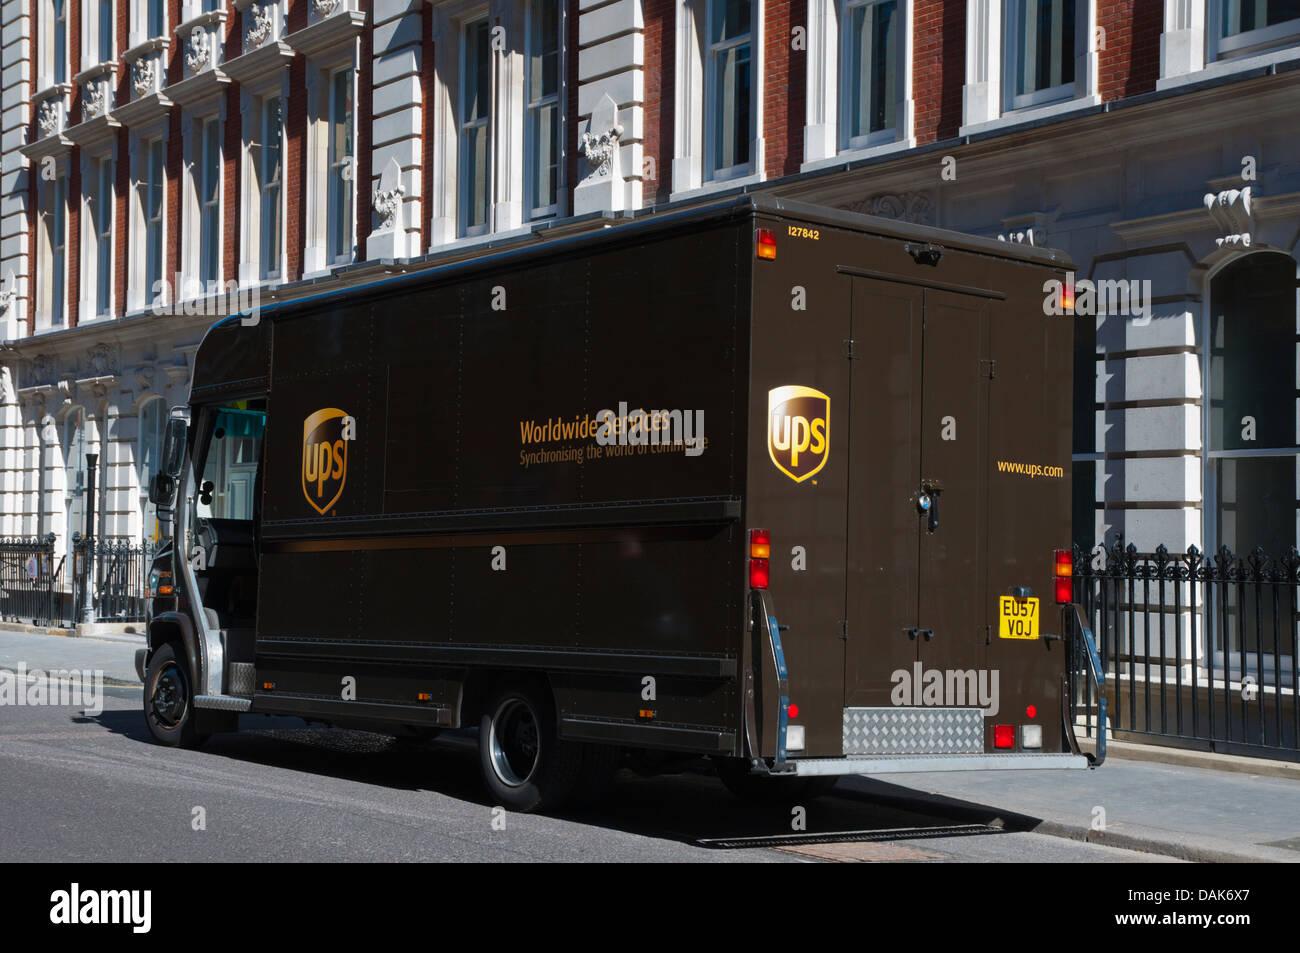 Consegna UPS mail parcel service veicolo Fitzrovia distretto centrale di Londra Inghilterra Gran Bretagna UK Europa Immagini Stock